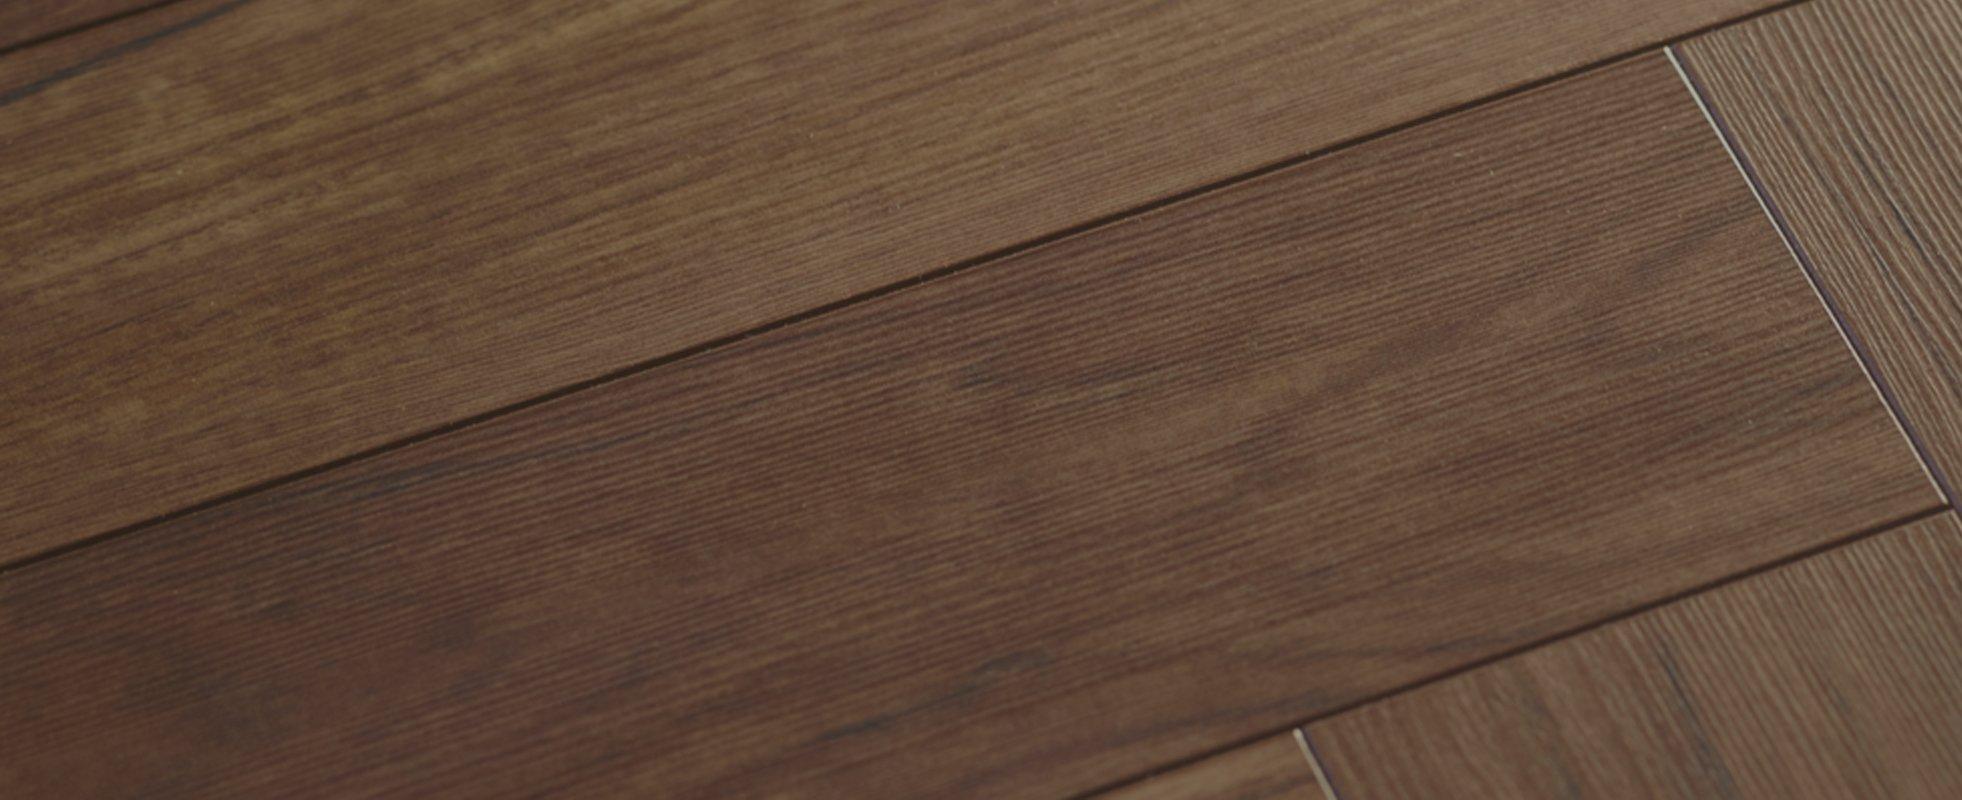 Come Montare Il Parquet Sul Pavimento fornitura e posa parquet seveso   arte legno pavimenti